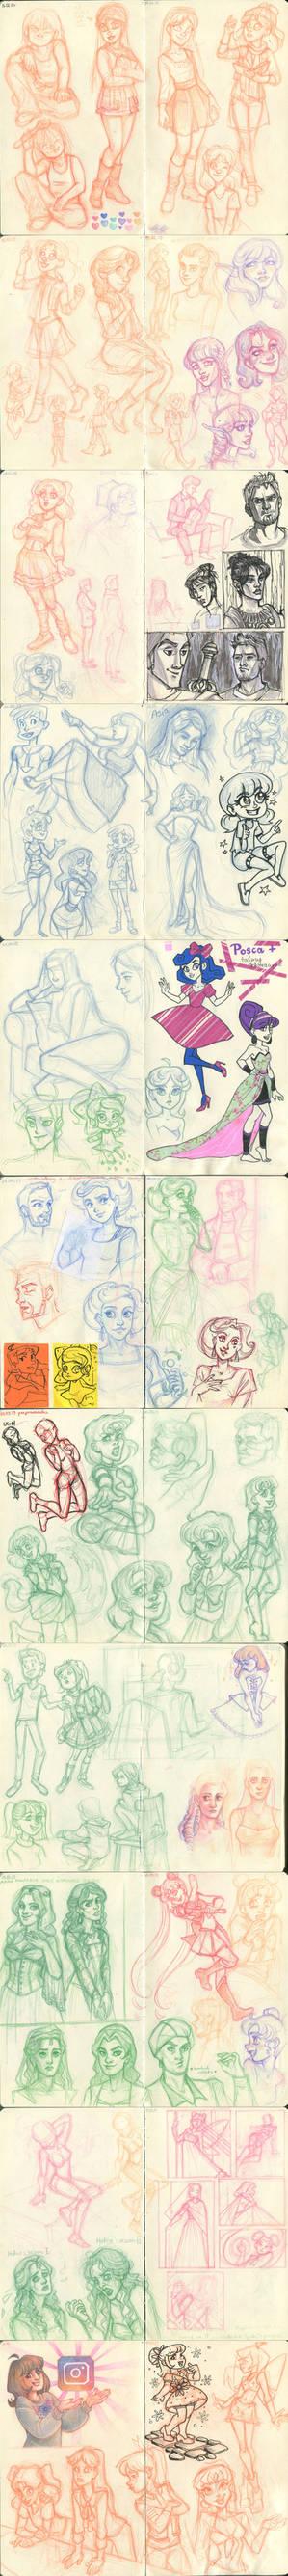 My sketchbook 50